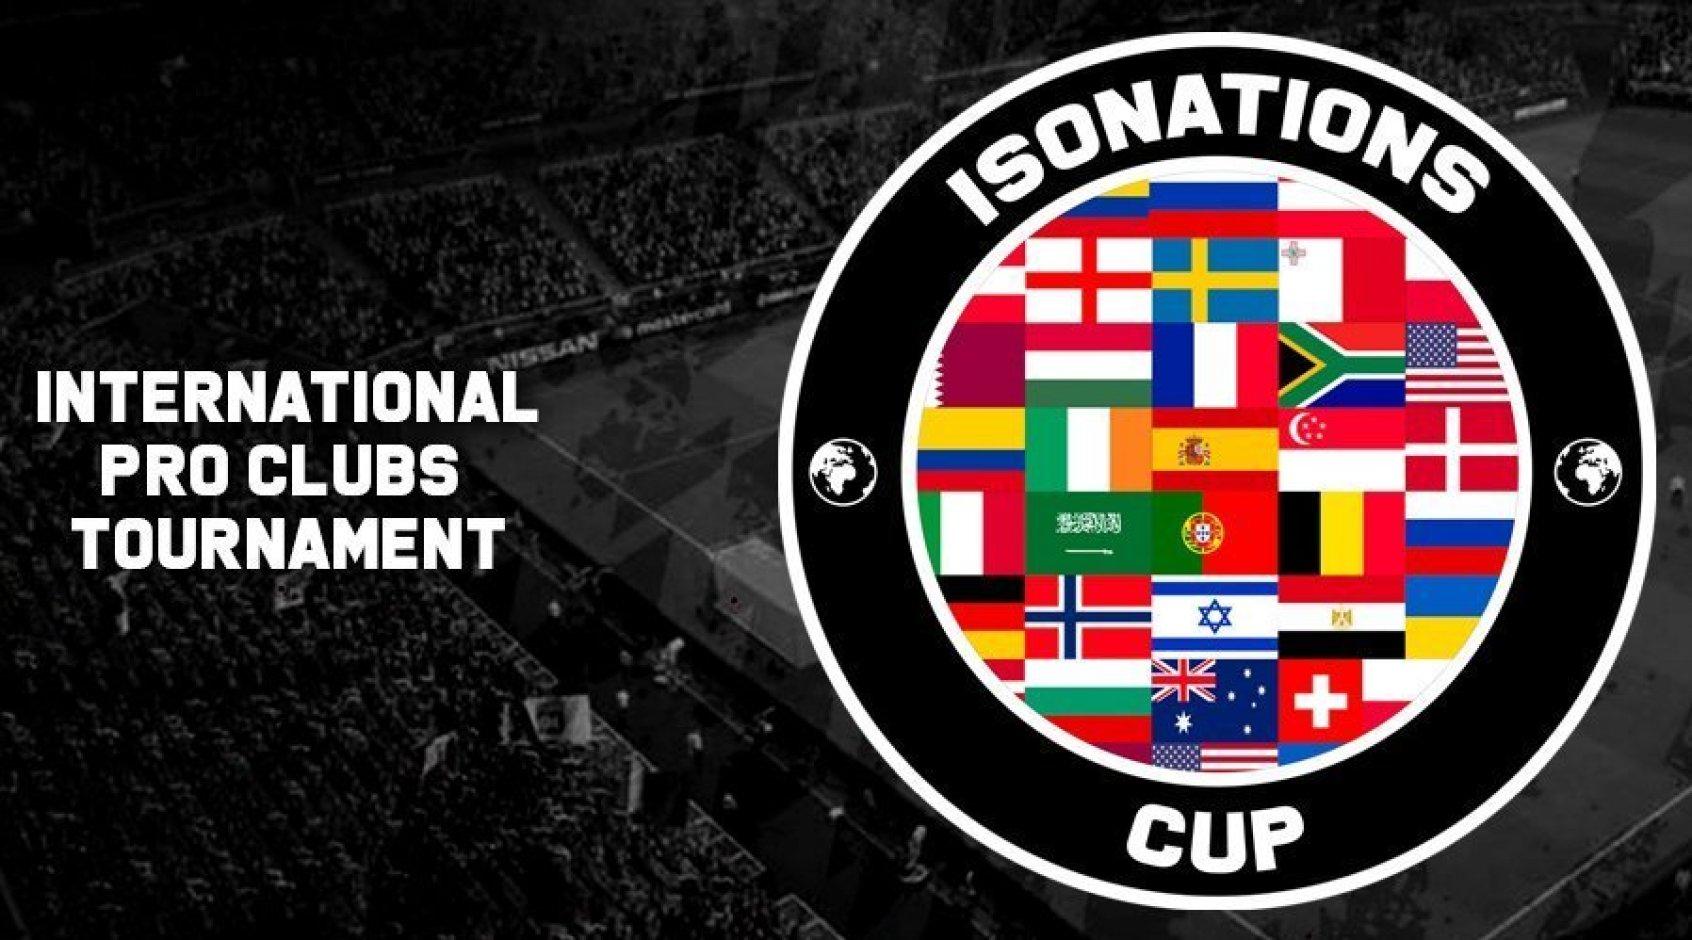 Киберфутбол. IsoNations Cup. Украина сыграет против поляков, венгров и бельгийцев